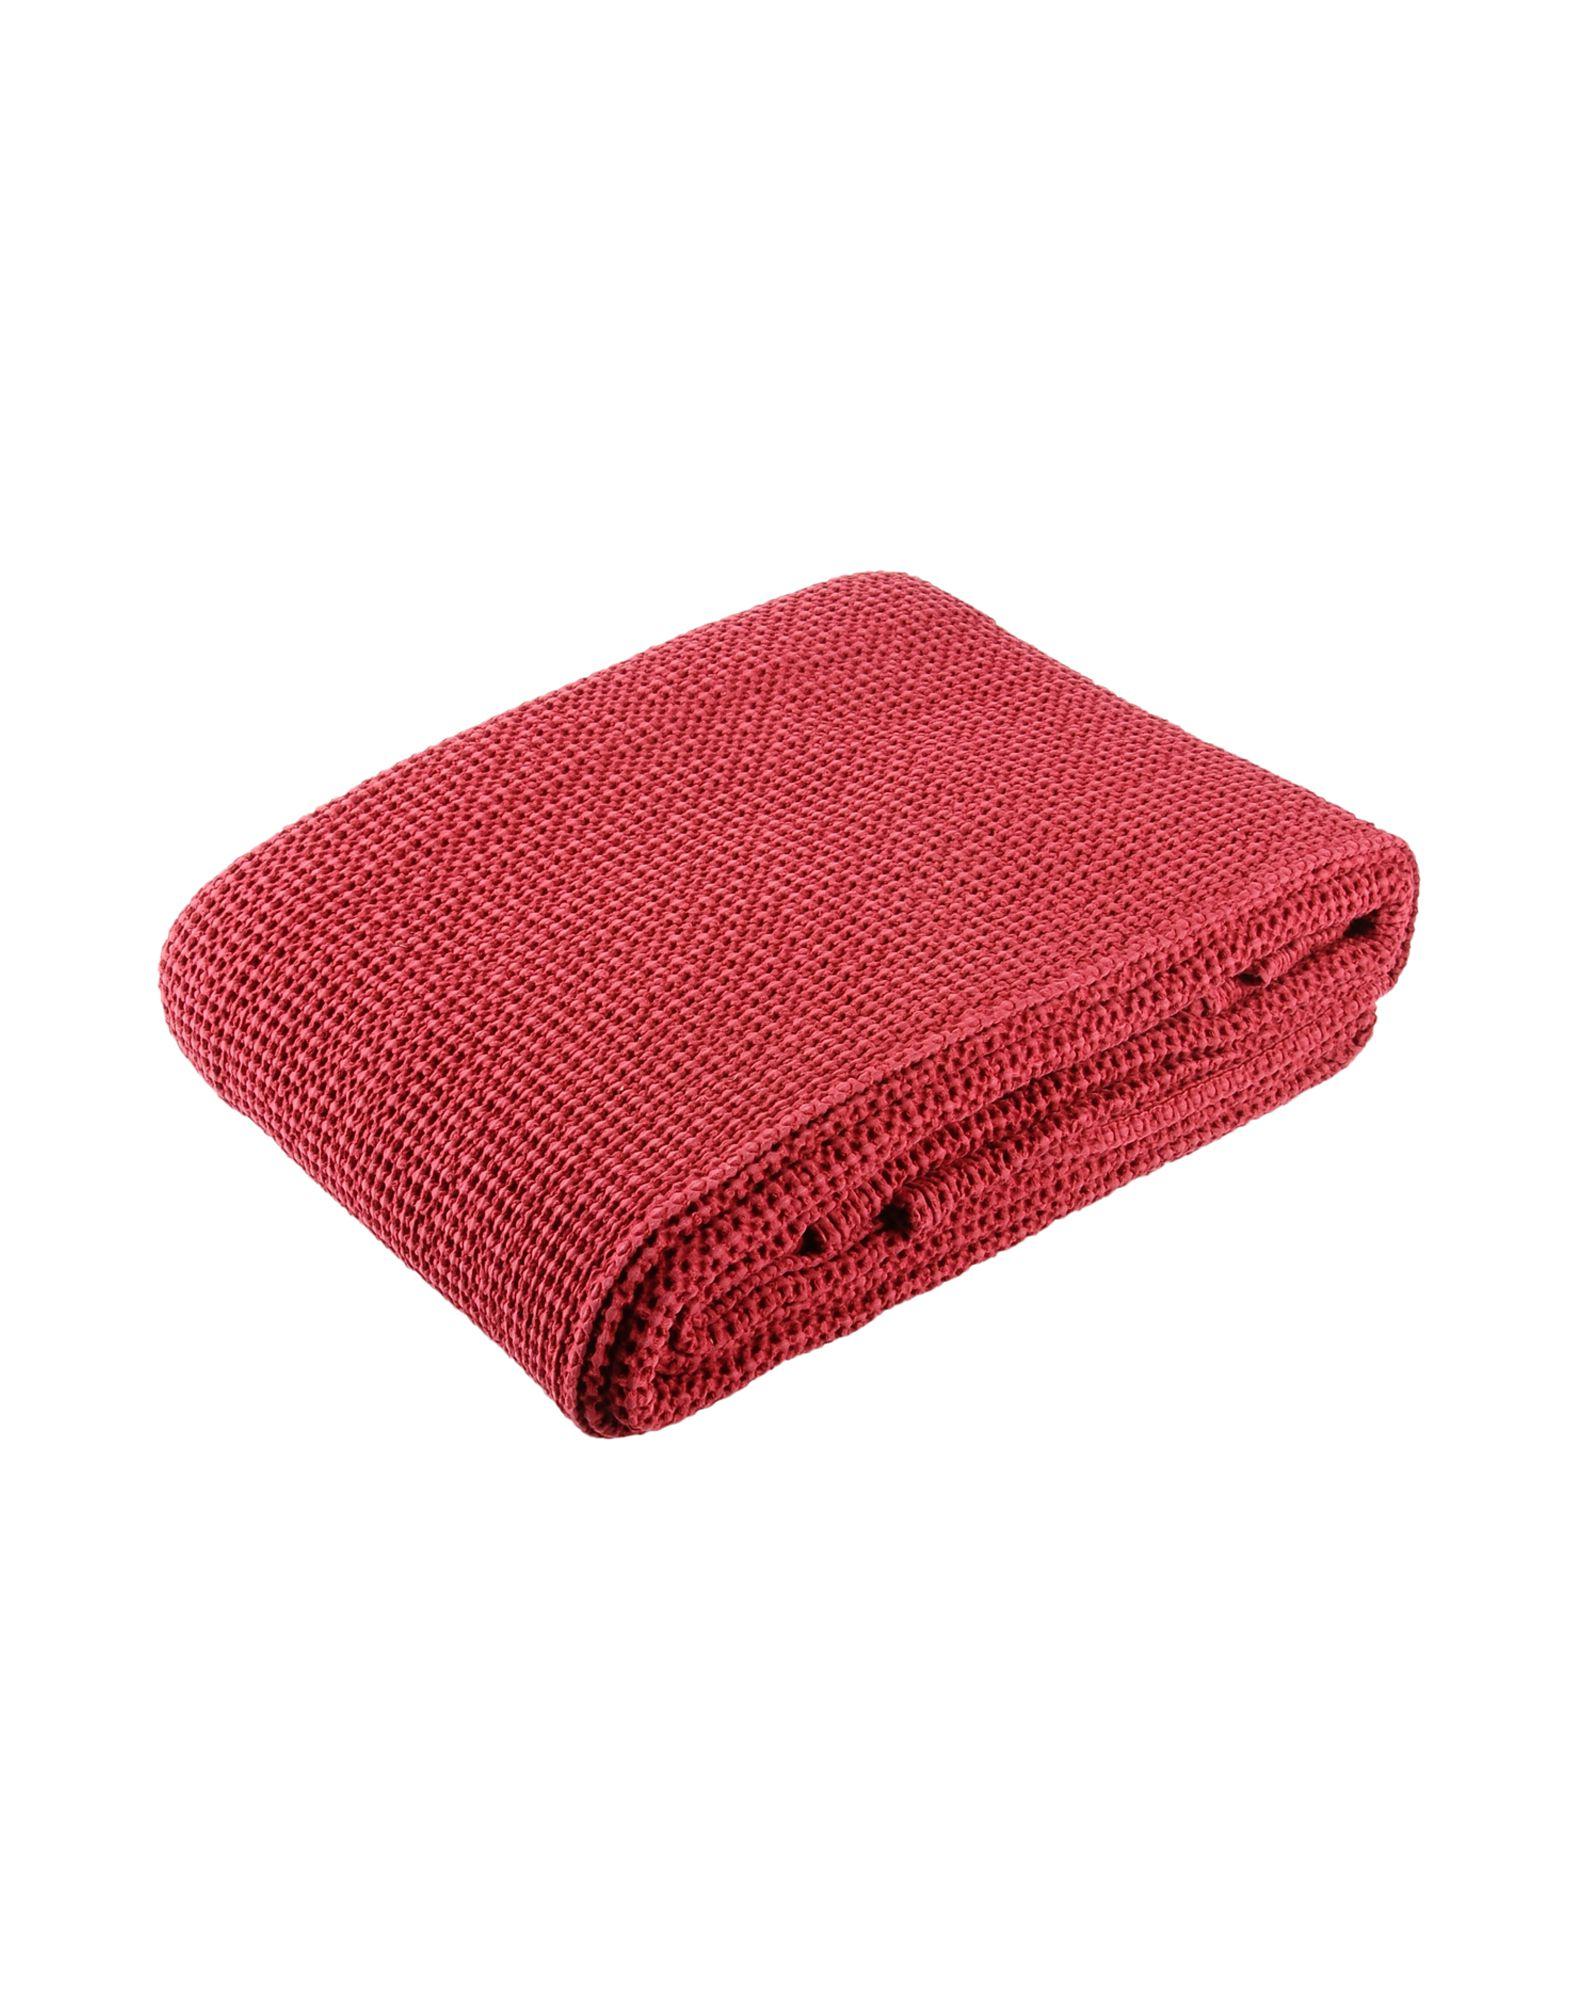 VIVARAISE Unisex Wolldecke Farbe Purpur Größe 1